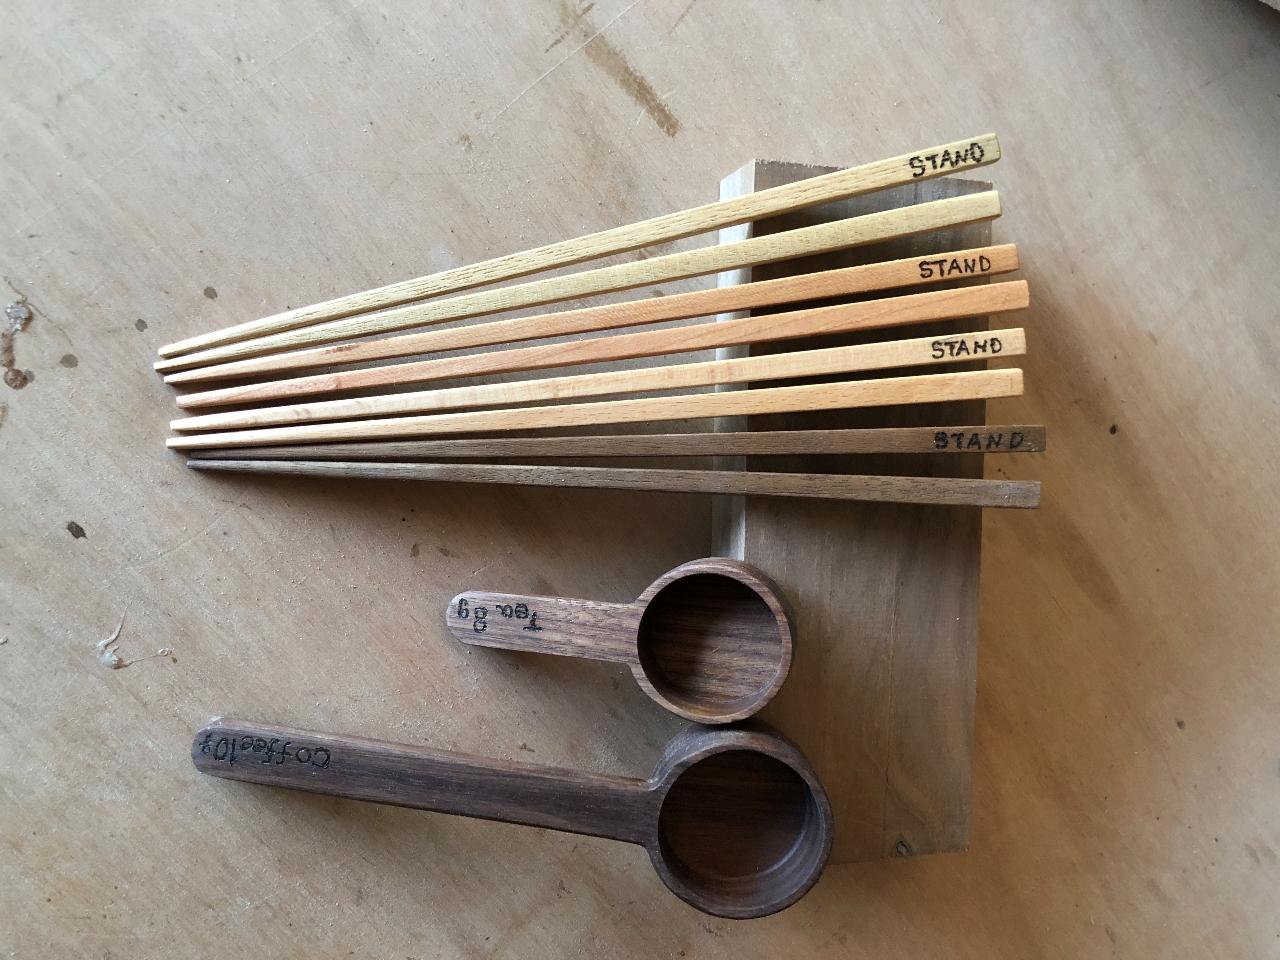 オリジナル茶さじ(Tea measure spoon)or広葉樹天然木箸制作体験...